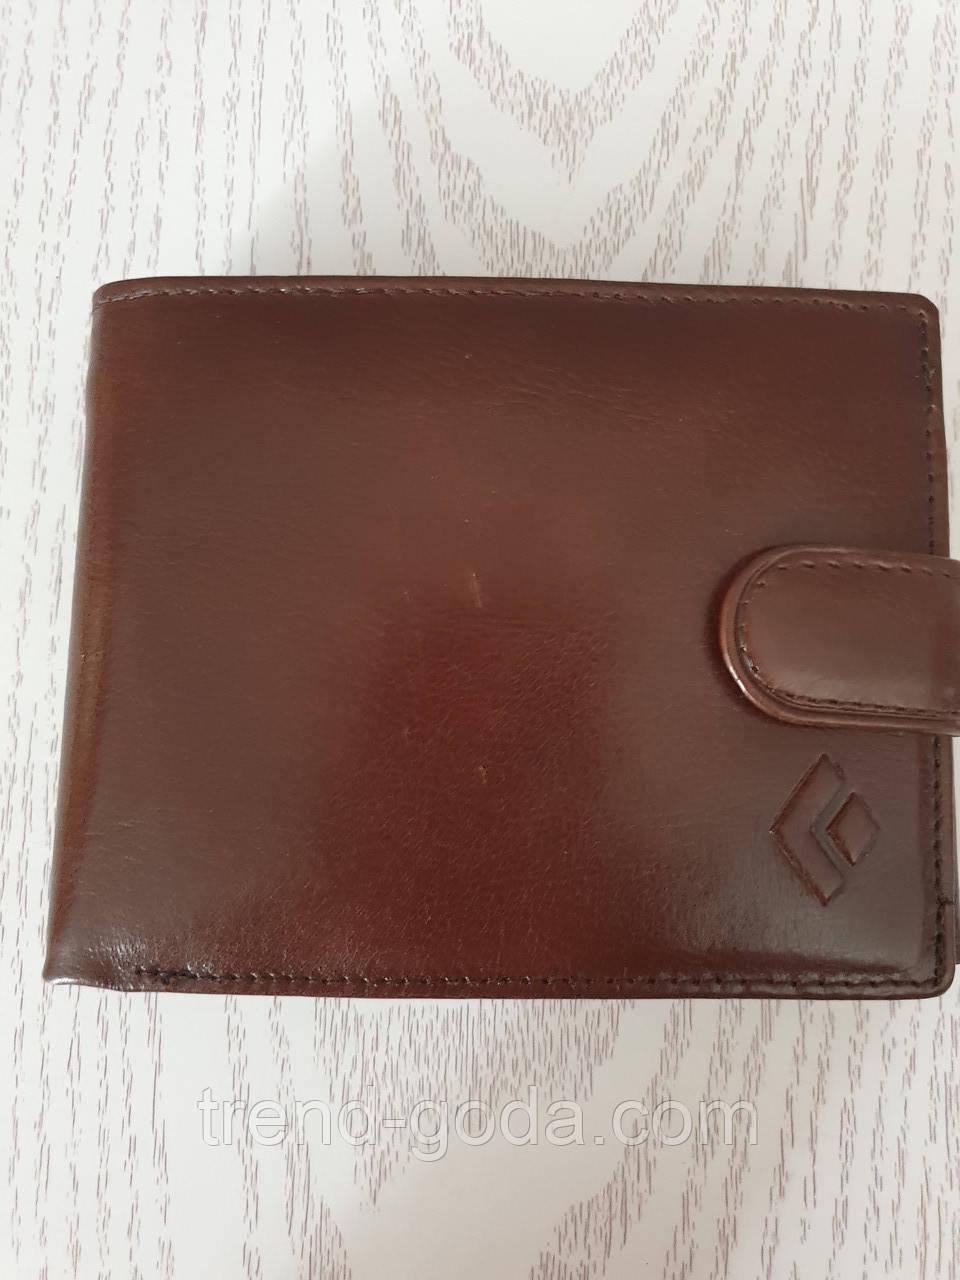 Мужской кожаный  кошелек бумажник, портмоне коричневый